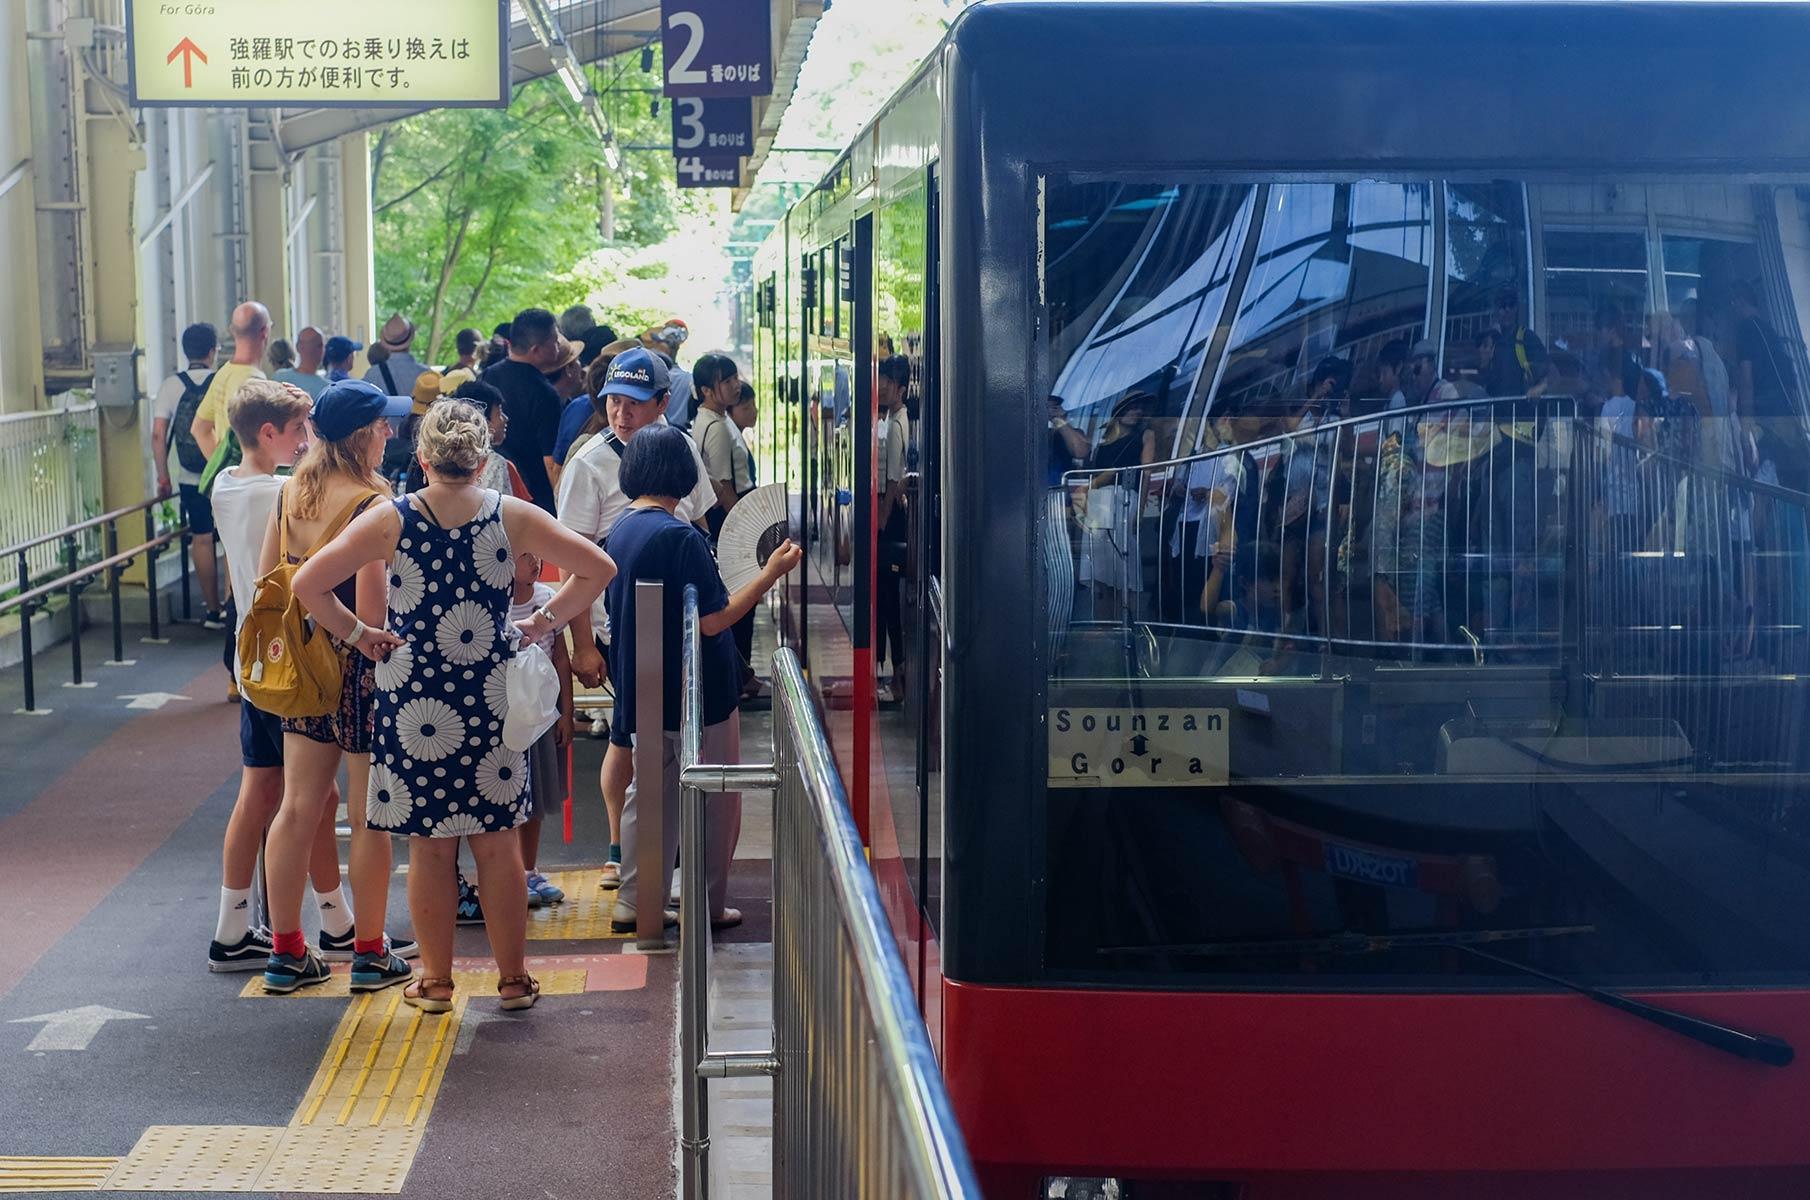 Seilbahn von Gora zur Owakudani Station in Japan